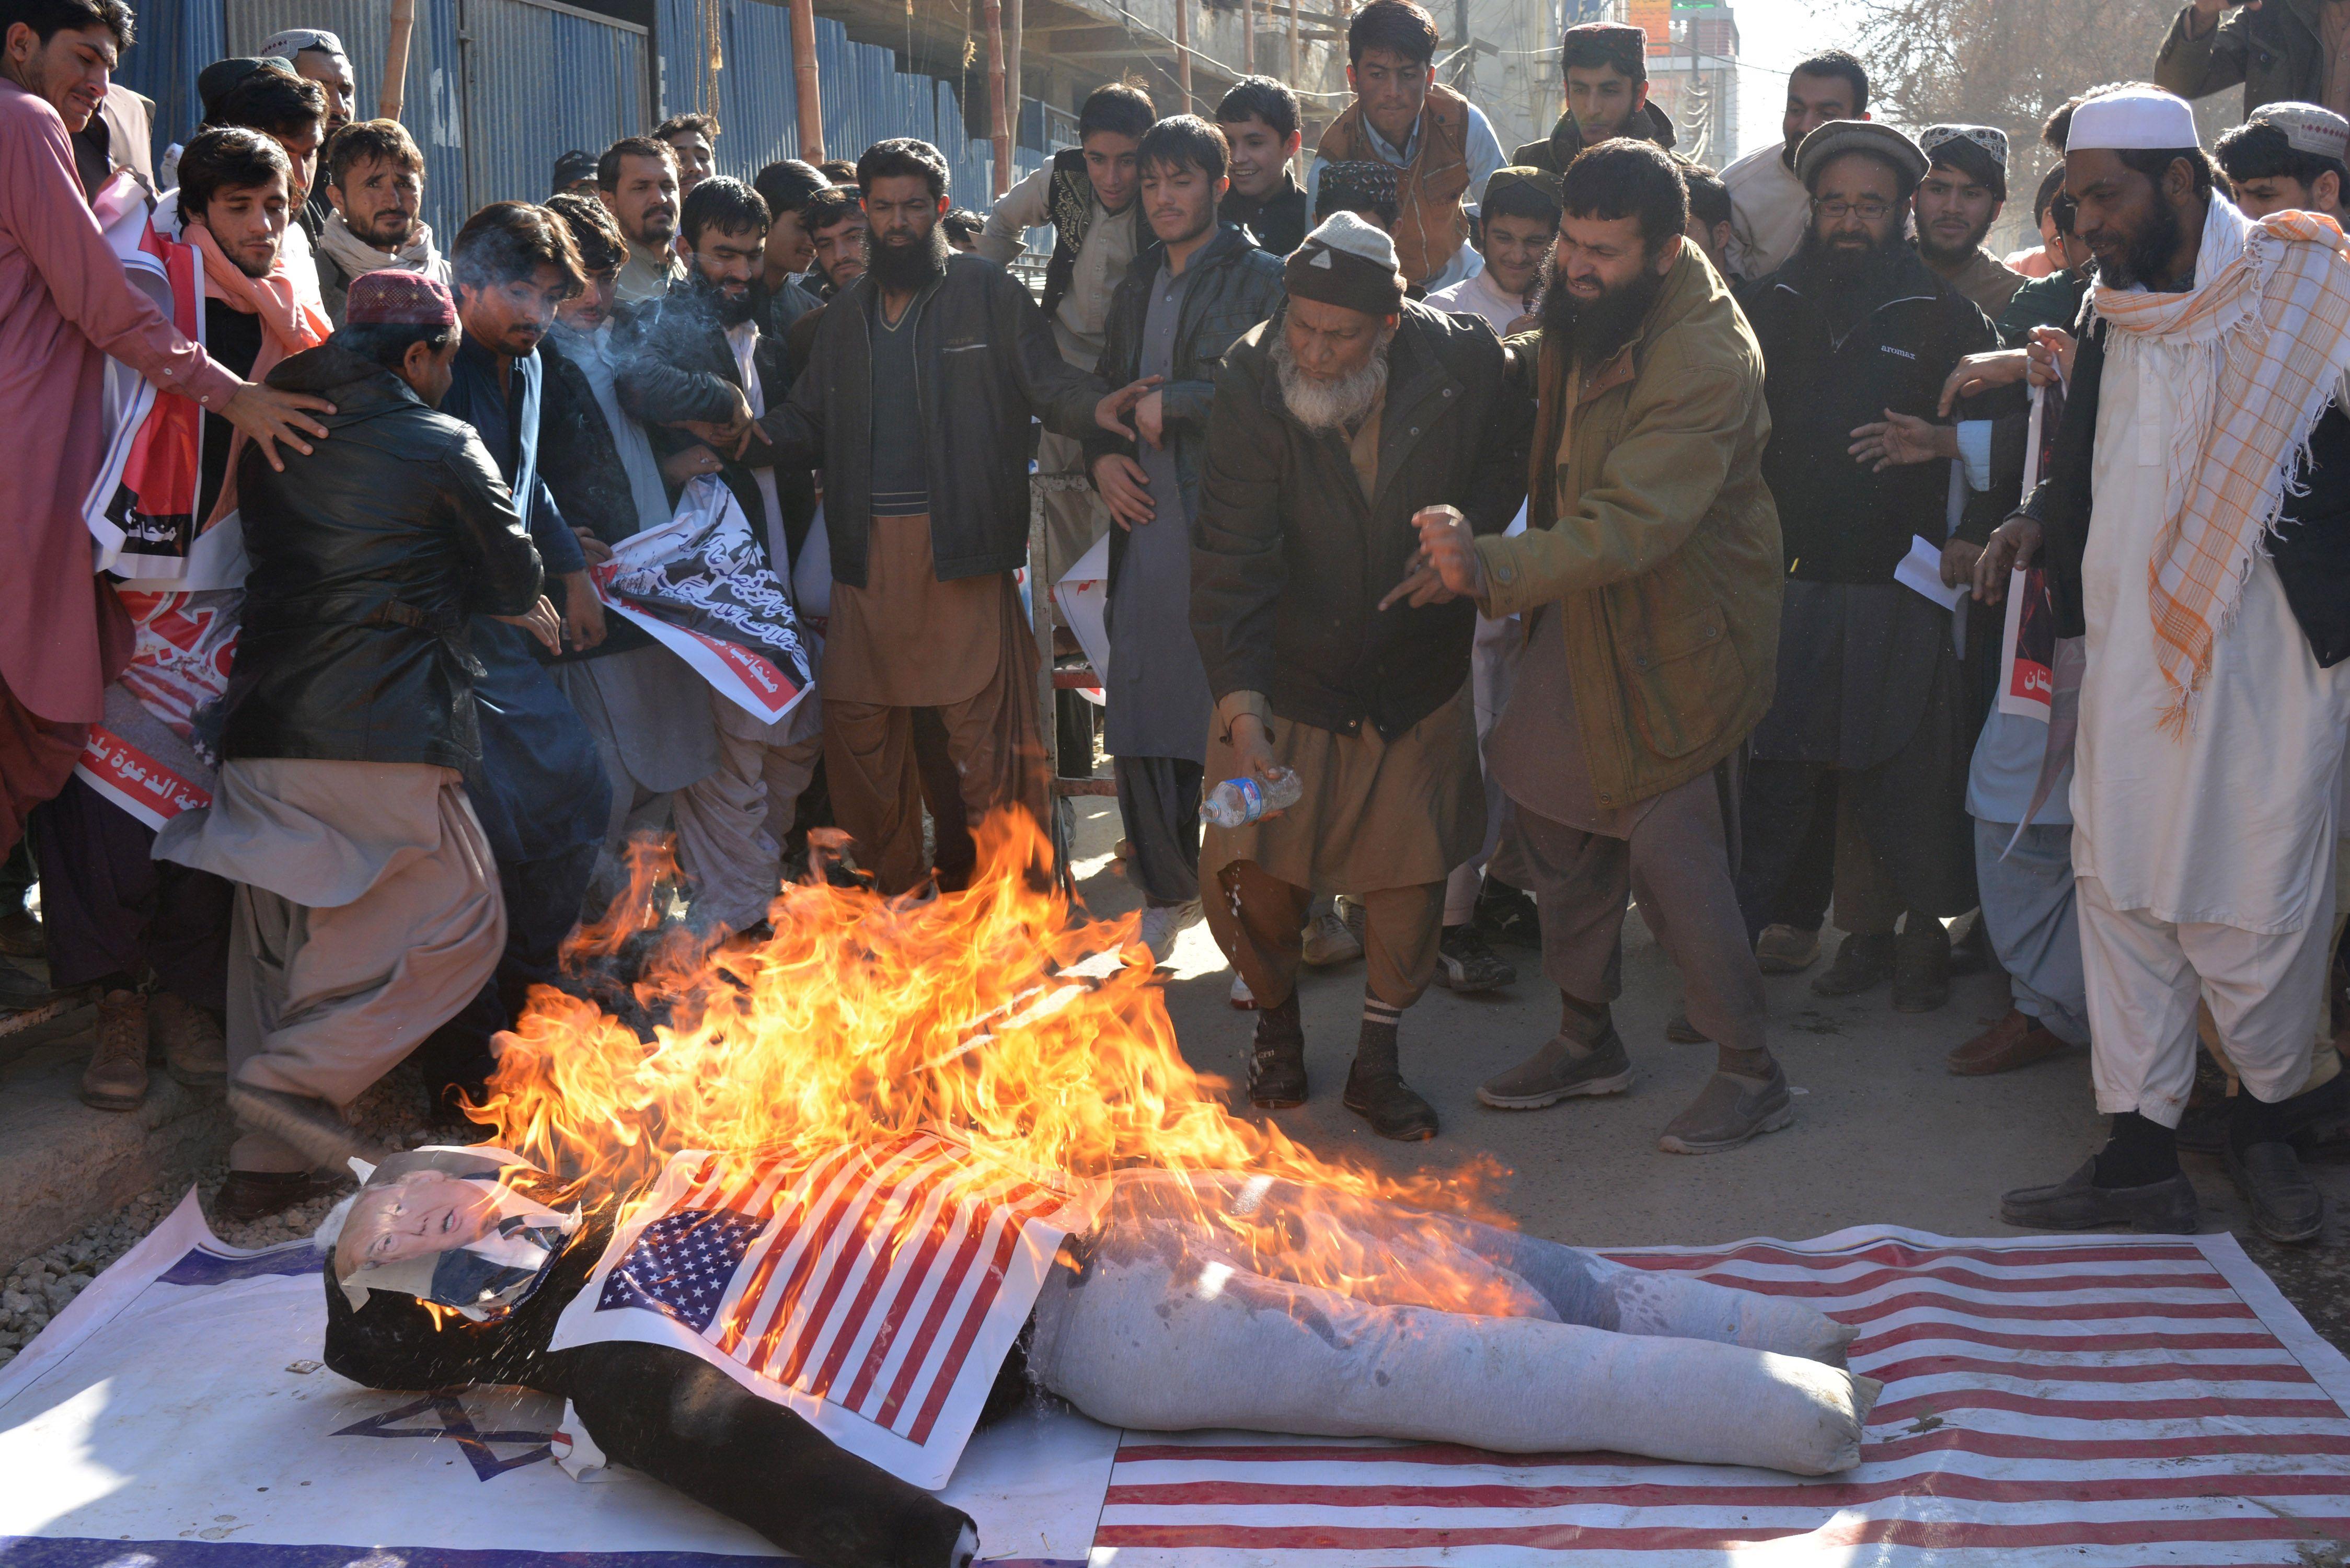 اشعال النار فى دمية عليها صورة ترامب